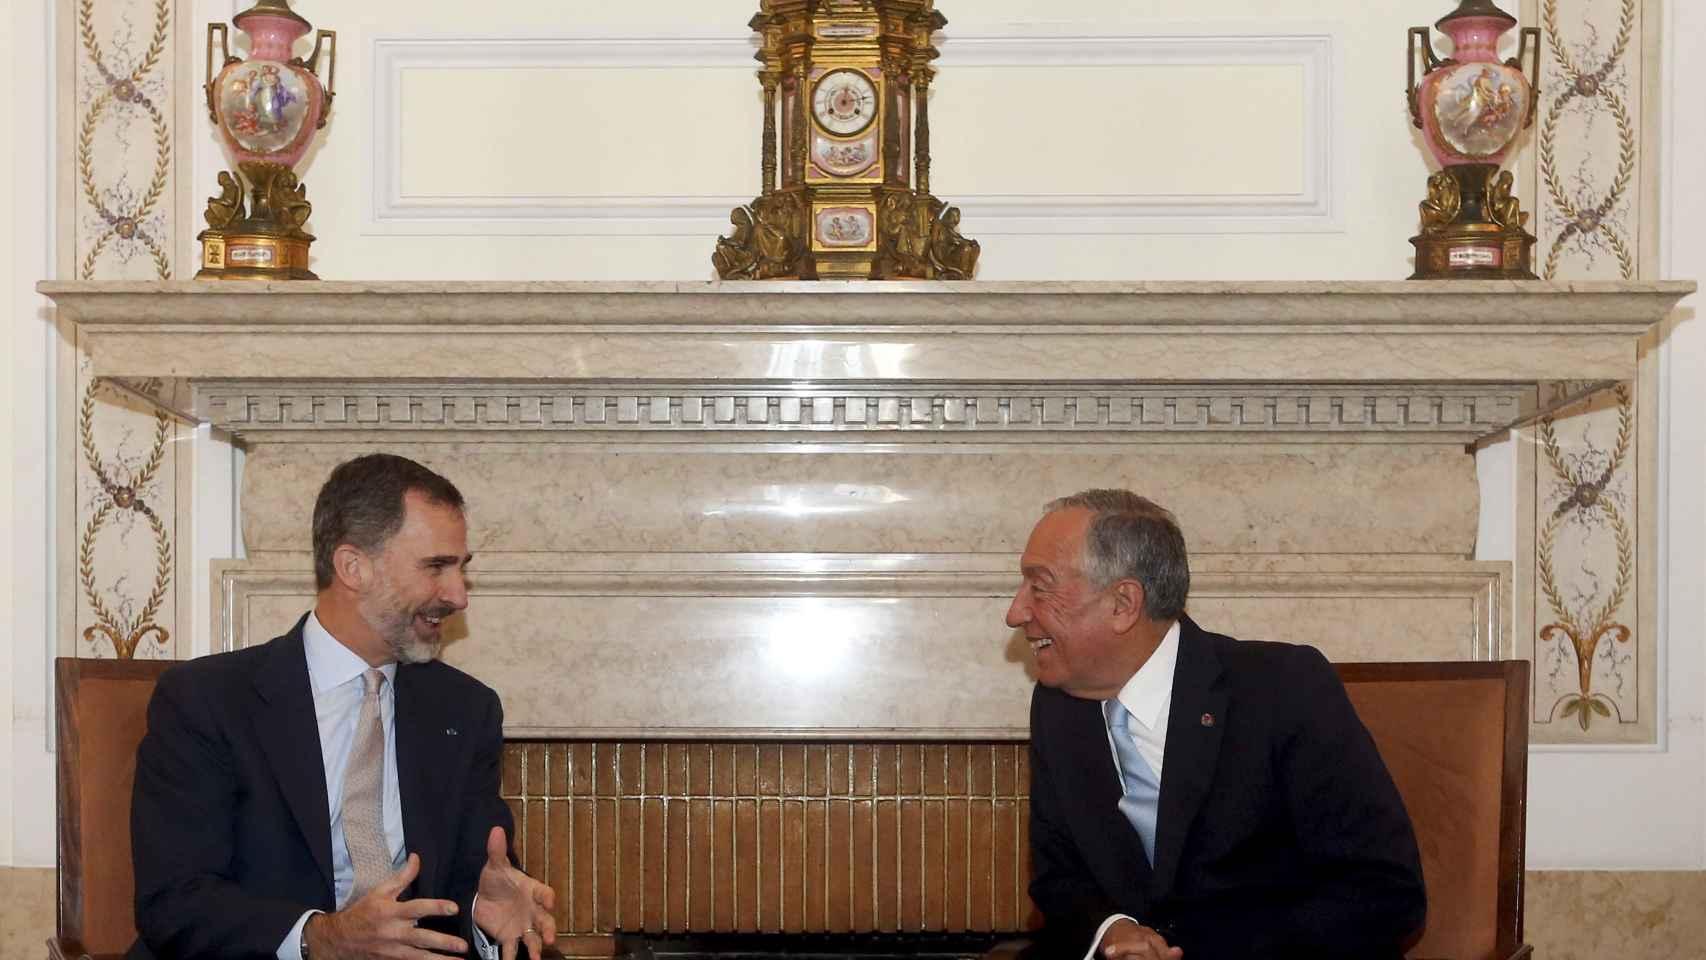 Felipe VI y Marcelo Rebelo de Sousa, en la recepción del Ayuntamiento de Oporto.